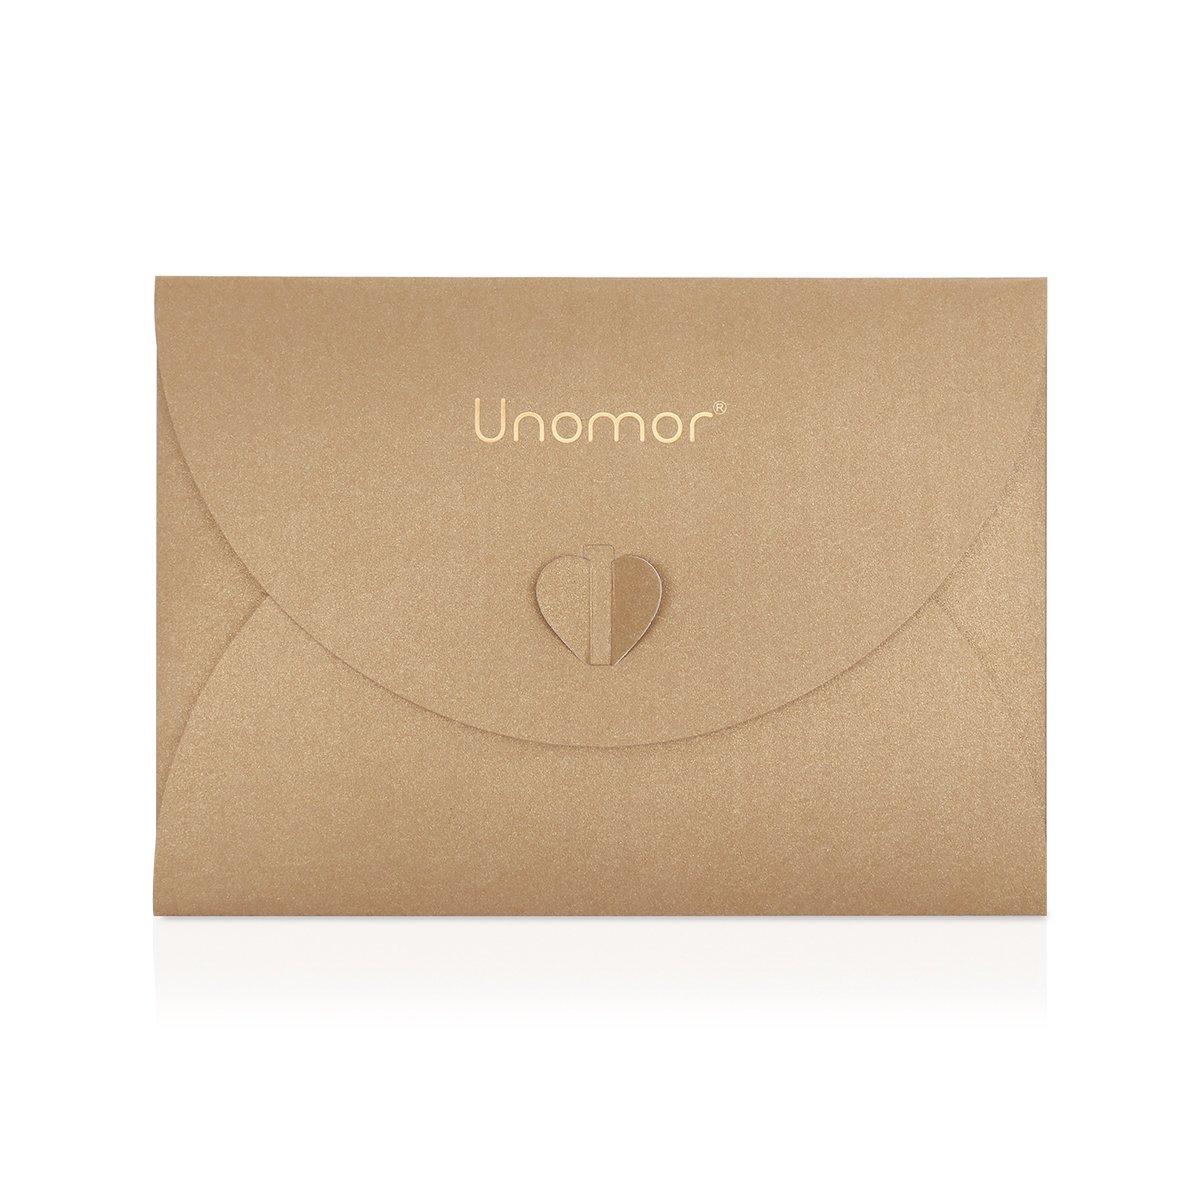 Unomor hochzeitskarte 3d glückwunschkarten mit umschlag hochzeitskarten glückwunsch und einladung für die hochzeit hochzeit jahrestag brautparty